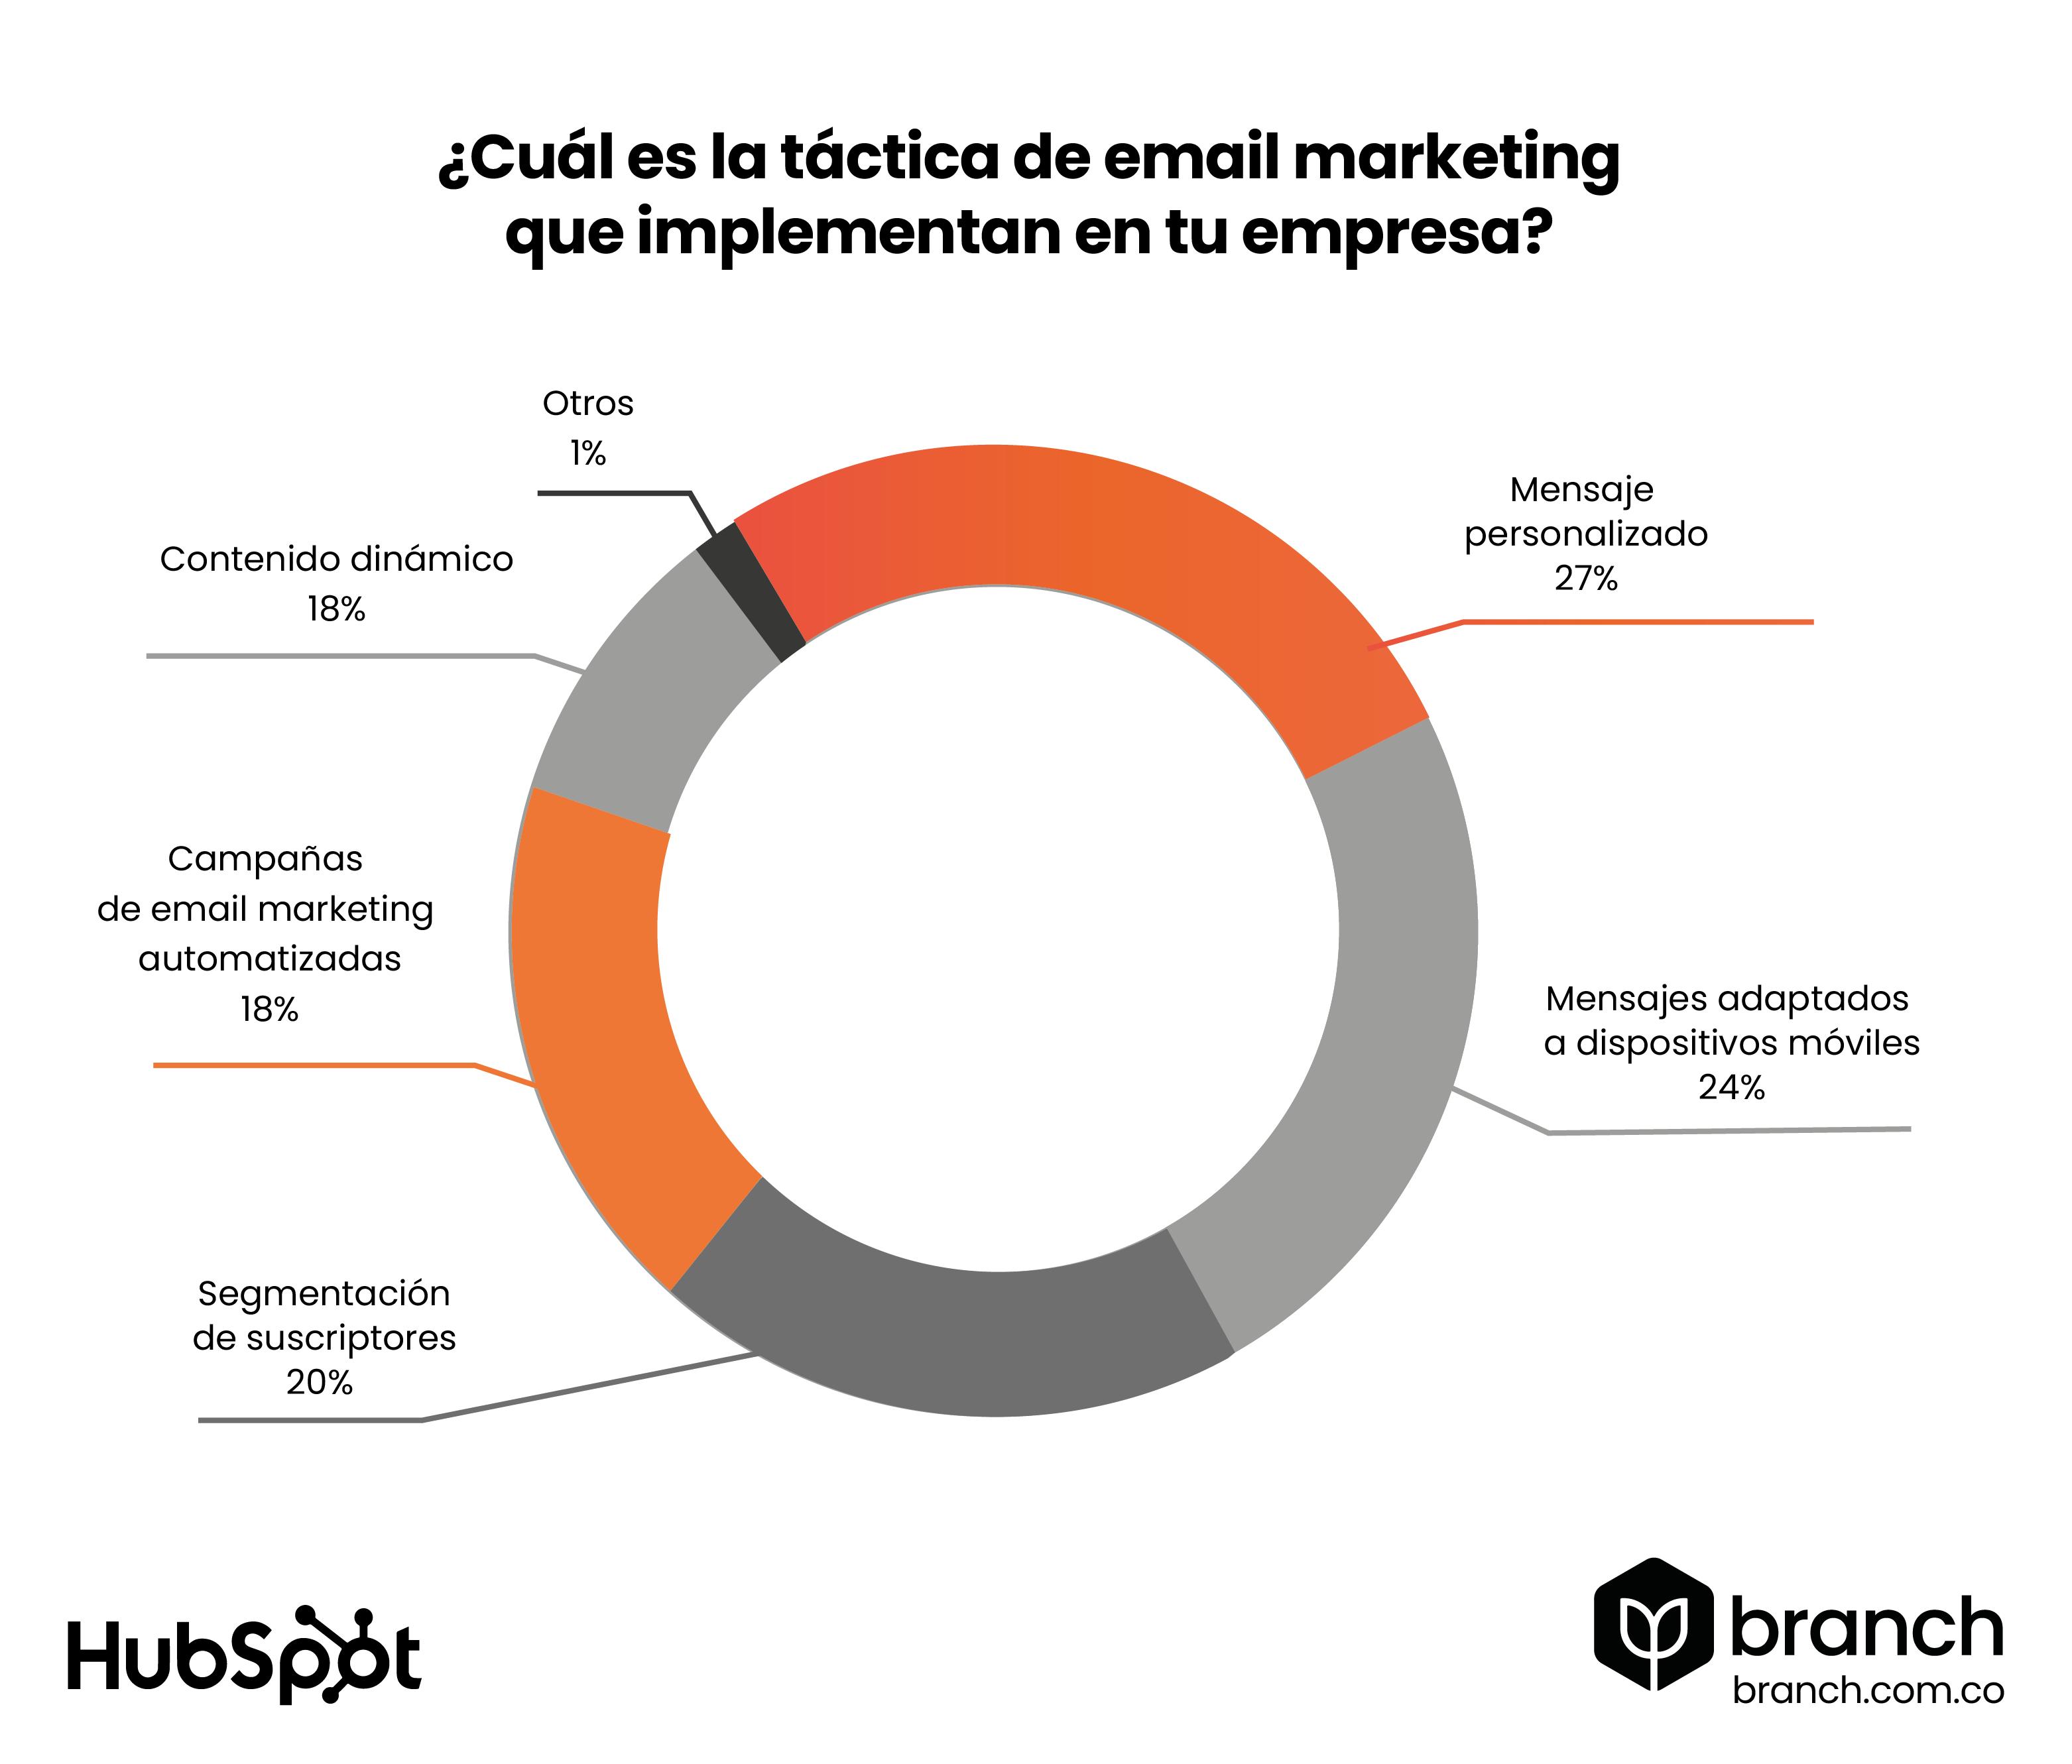 grafico-los-mensajes-personalizados-es-la-practica-mas-empleada-en-email-marketing